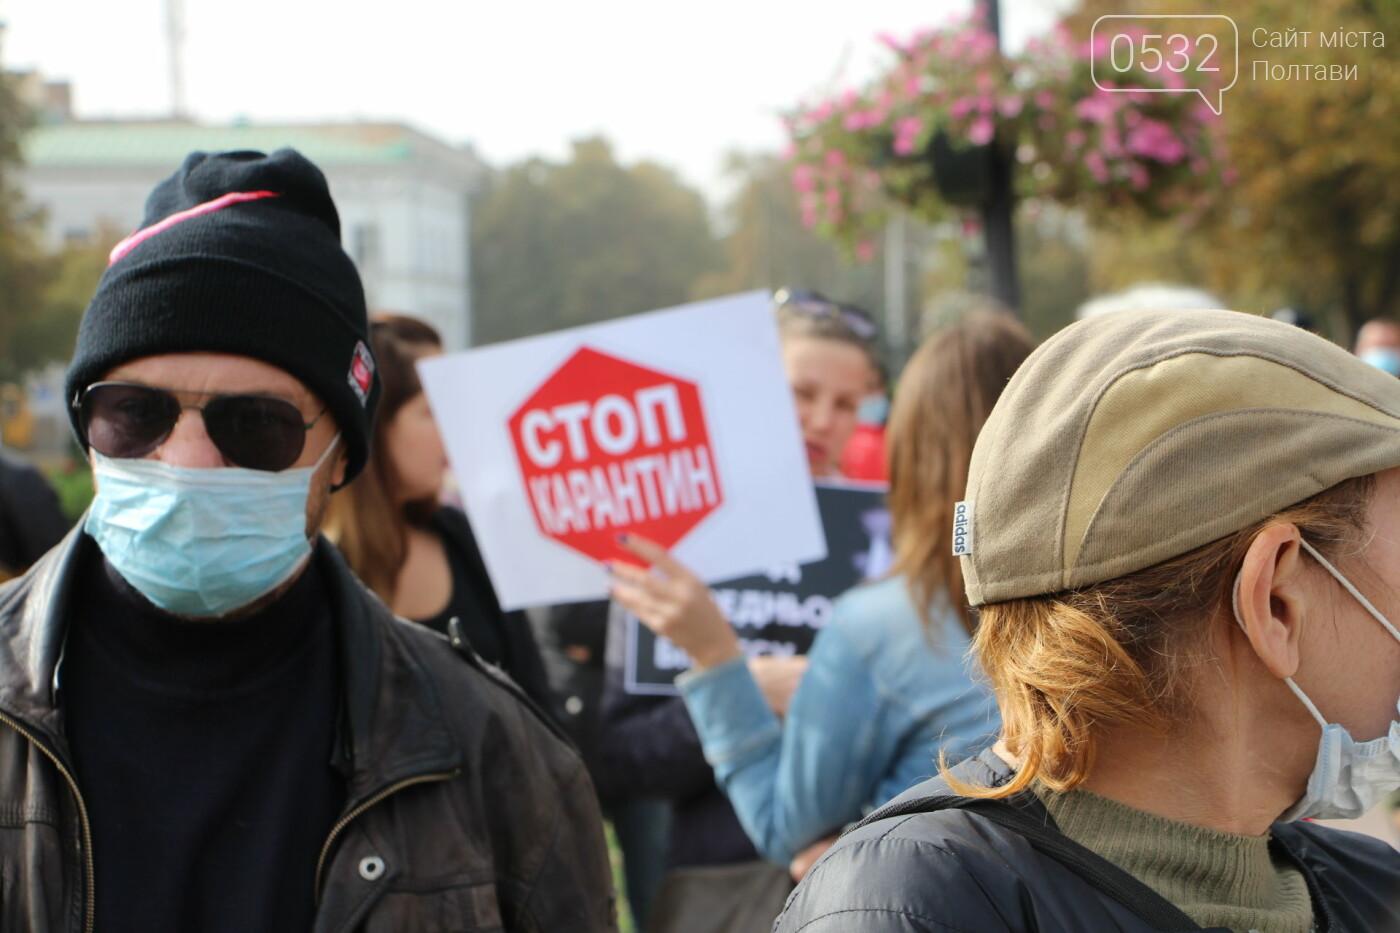 """Полтава вийшла проти """"червоної"""" зони: скільки людей і чого вимагають (ФОТОРЕПОРТАЖ), фото-19"""